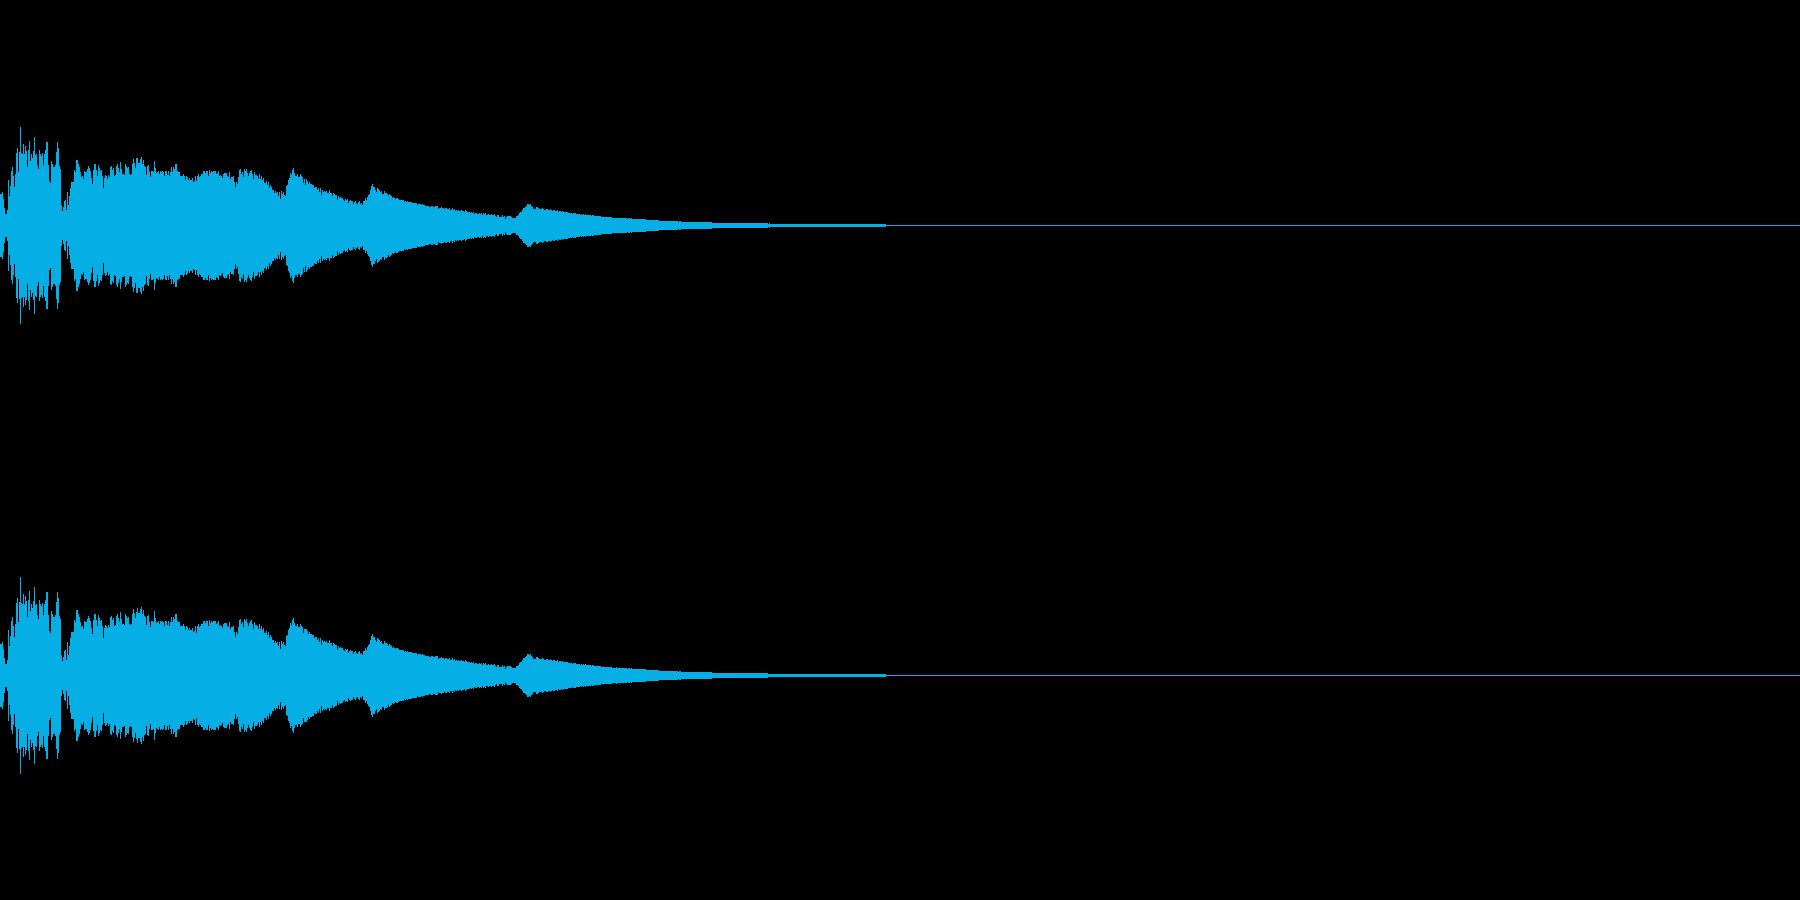 ショット系のサウンドの再生済みの波形